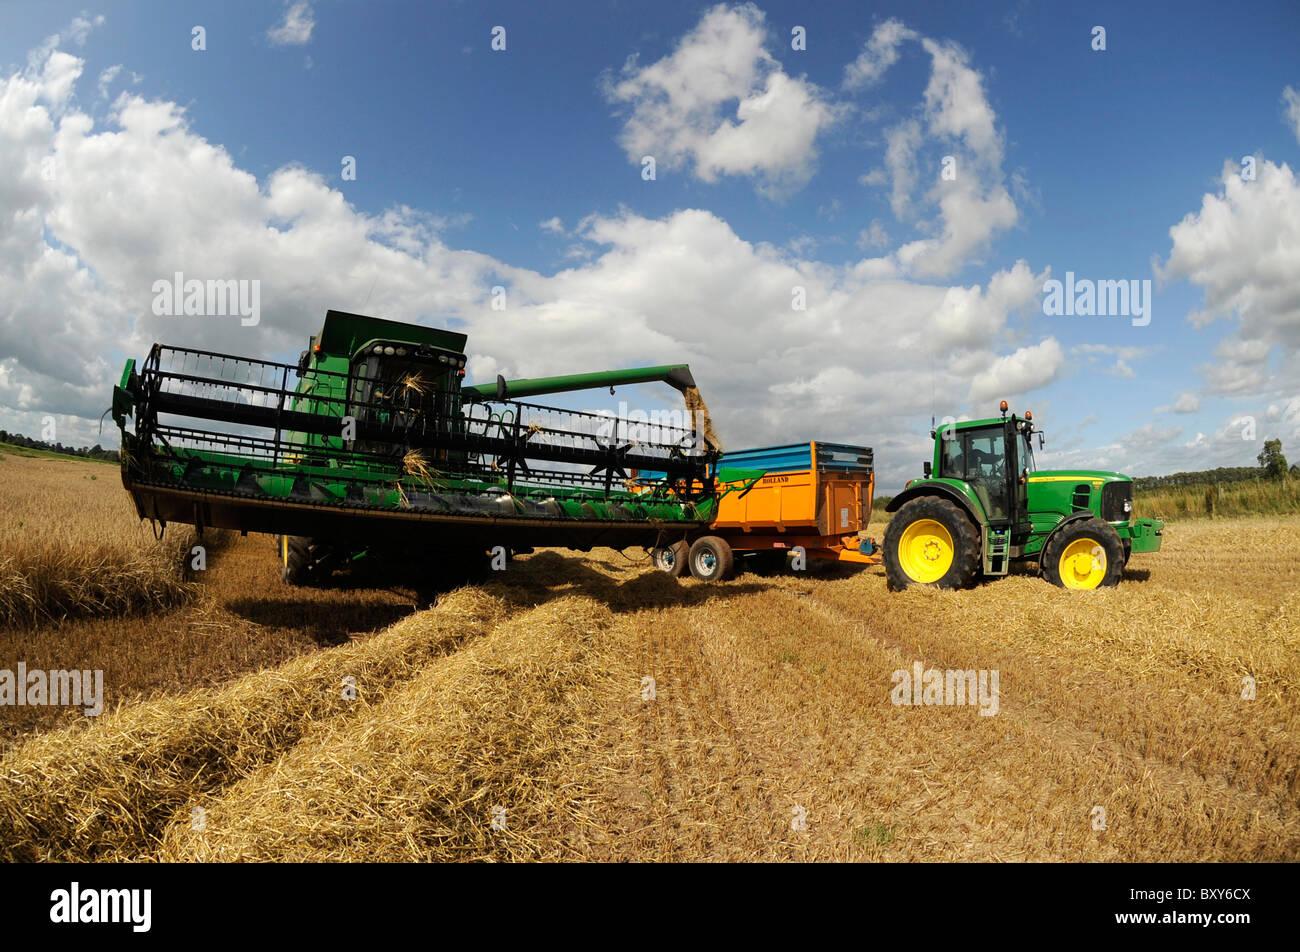 A John Deere Combine Harvester Harvesting Barley In Field At Holme Gate Farm Near Warwick On Eden